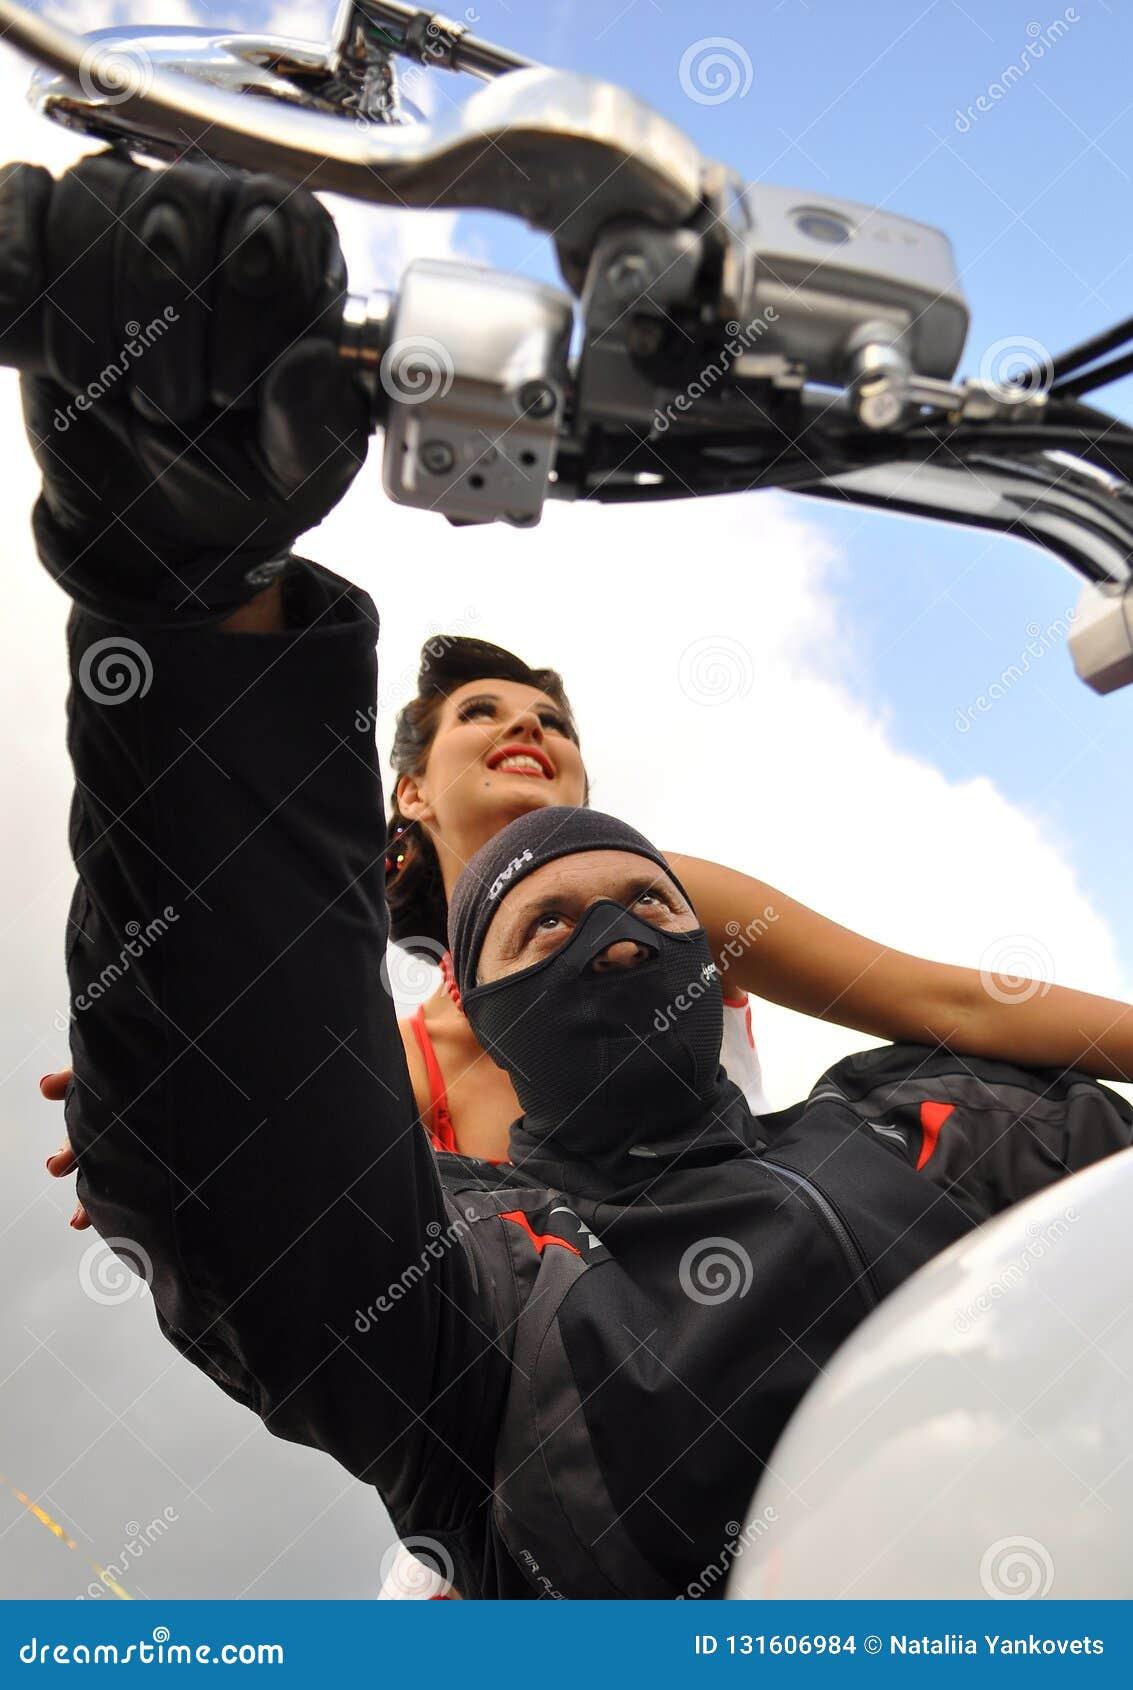 Um homem em uma máscara preta senta-se atrás da roda de uma motocicleta branca atrás dele senta uma menina bonita em um fundo do